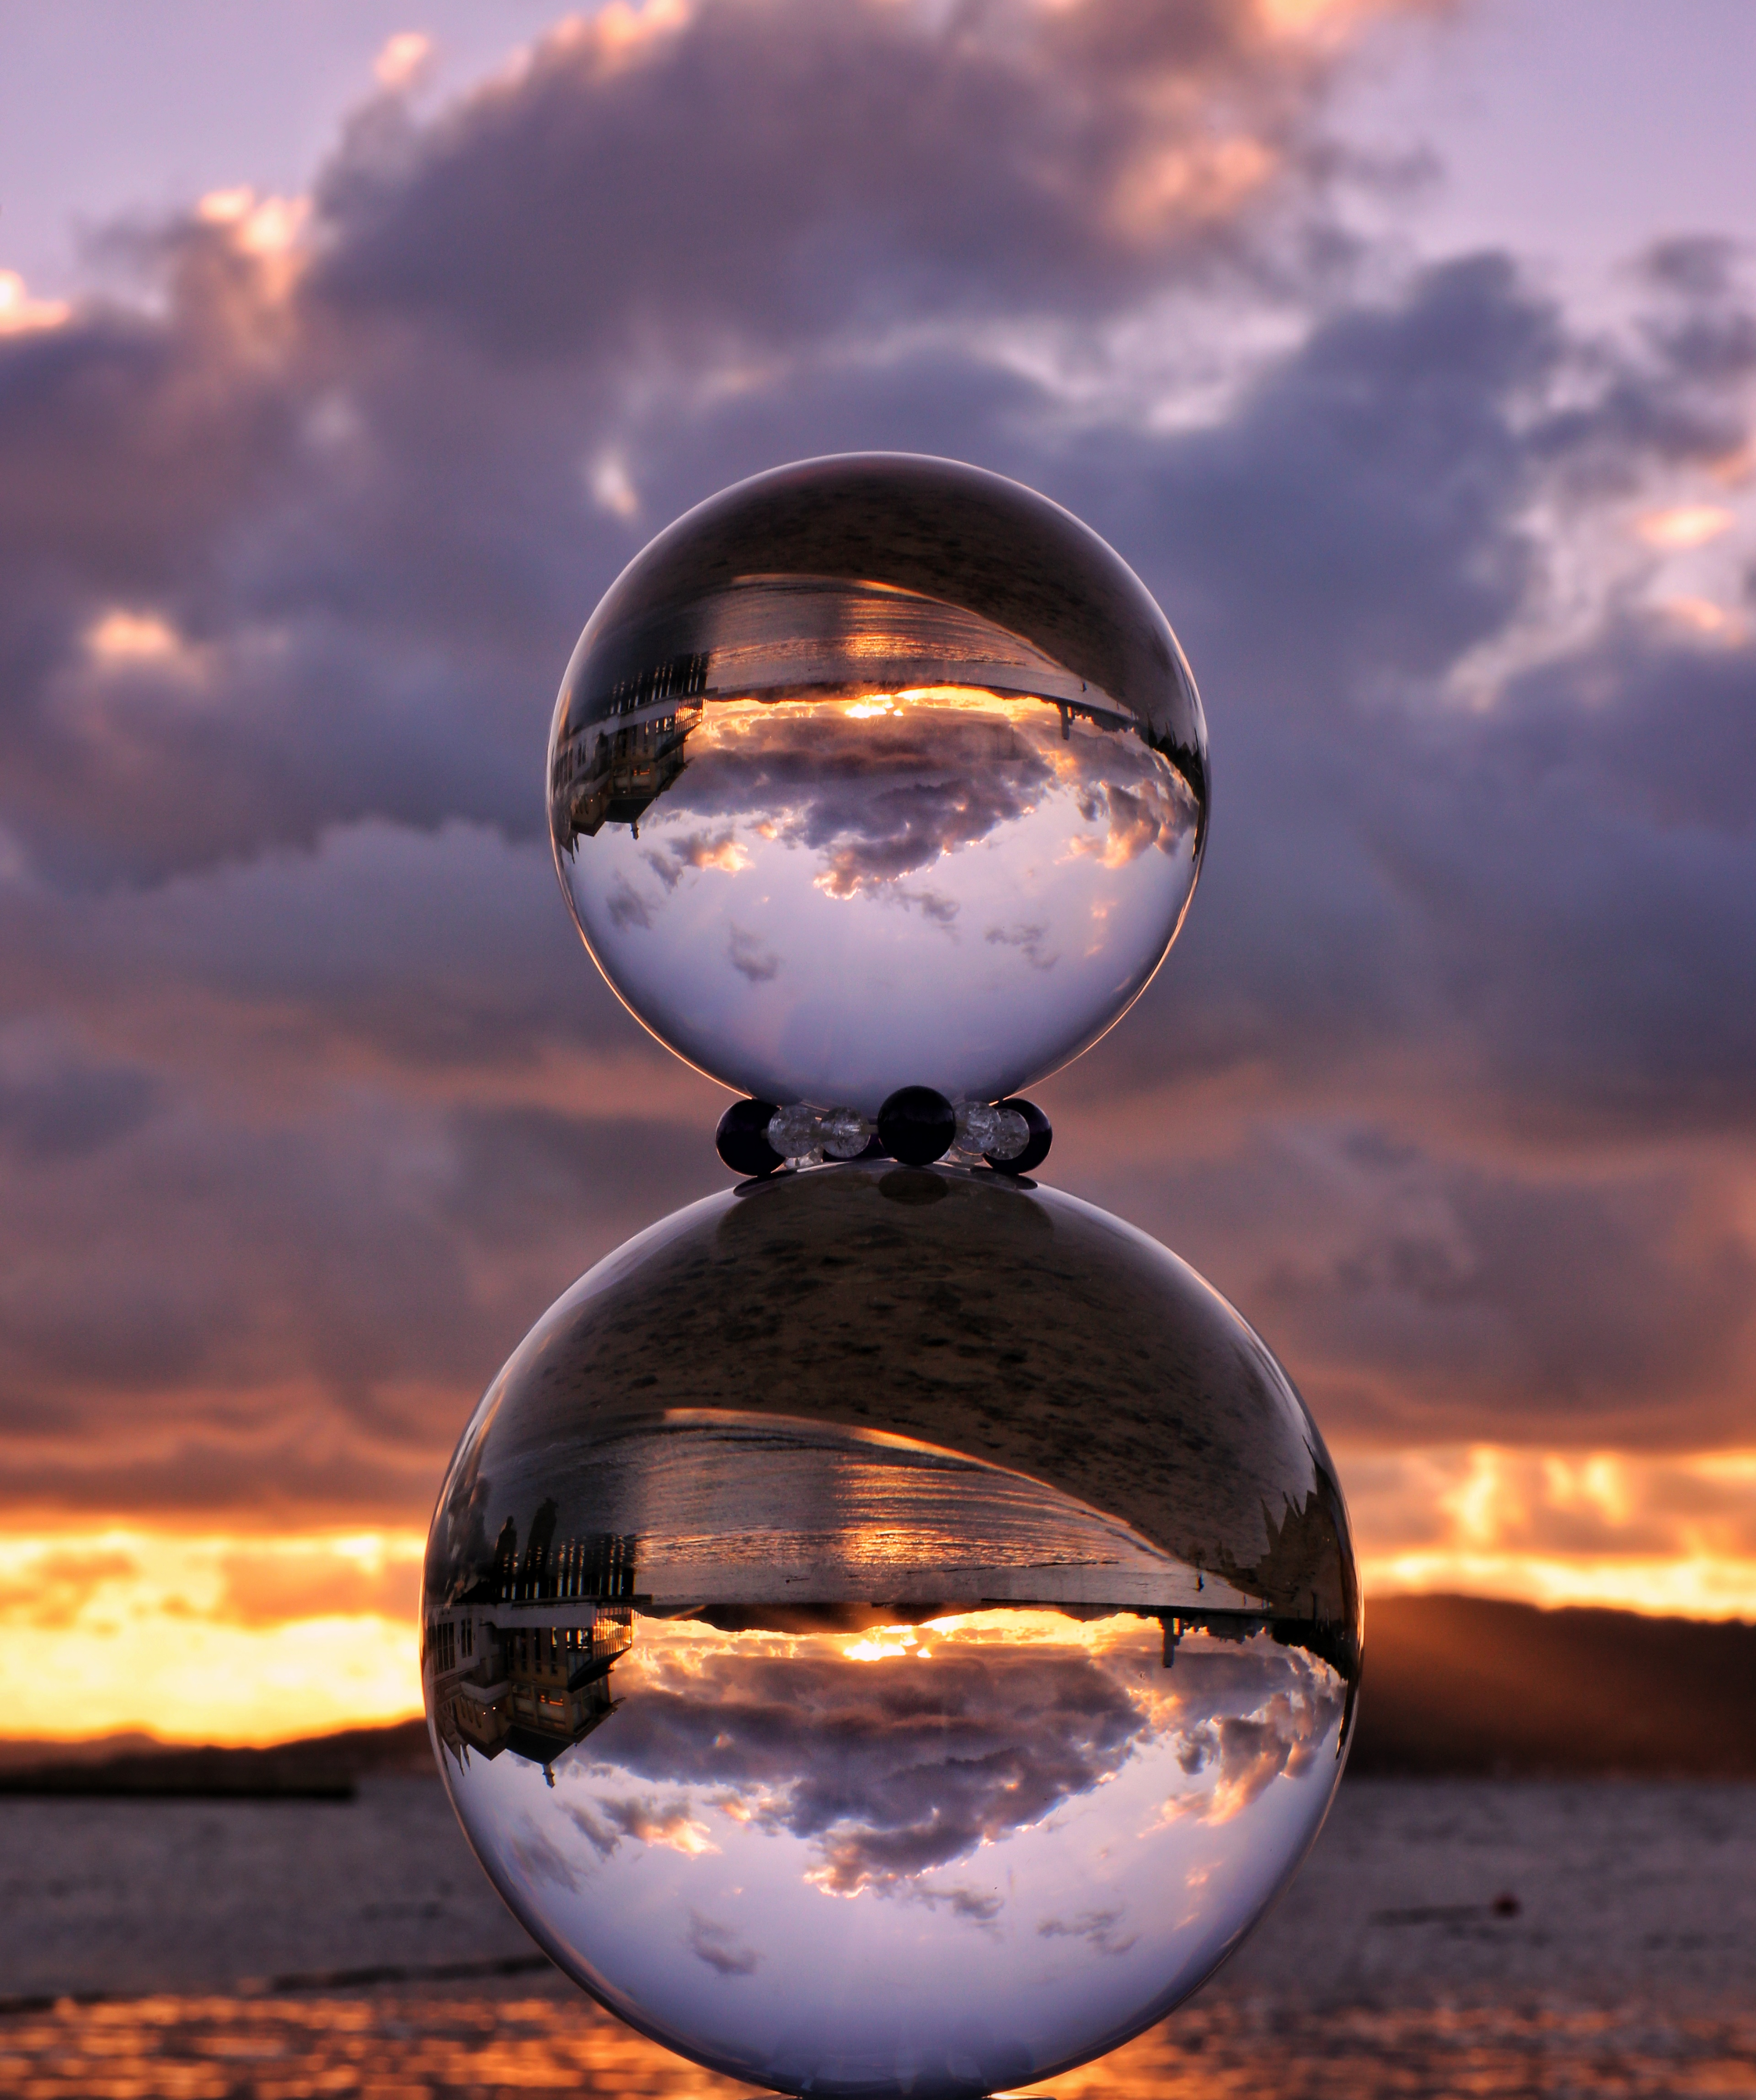 重ねた水晶球と夕暮れの海岸の写真